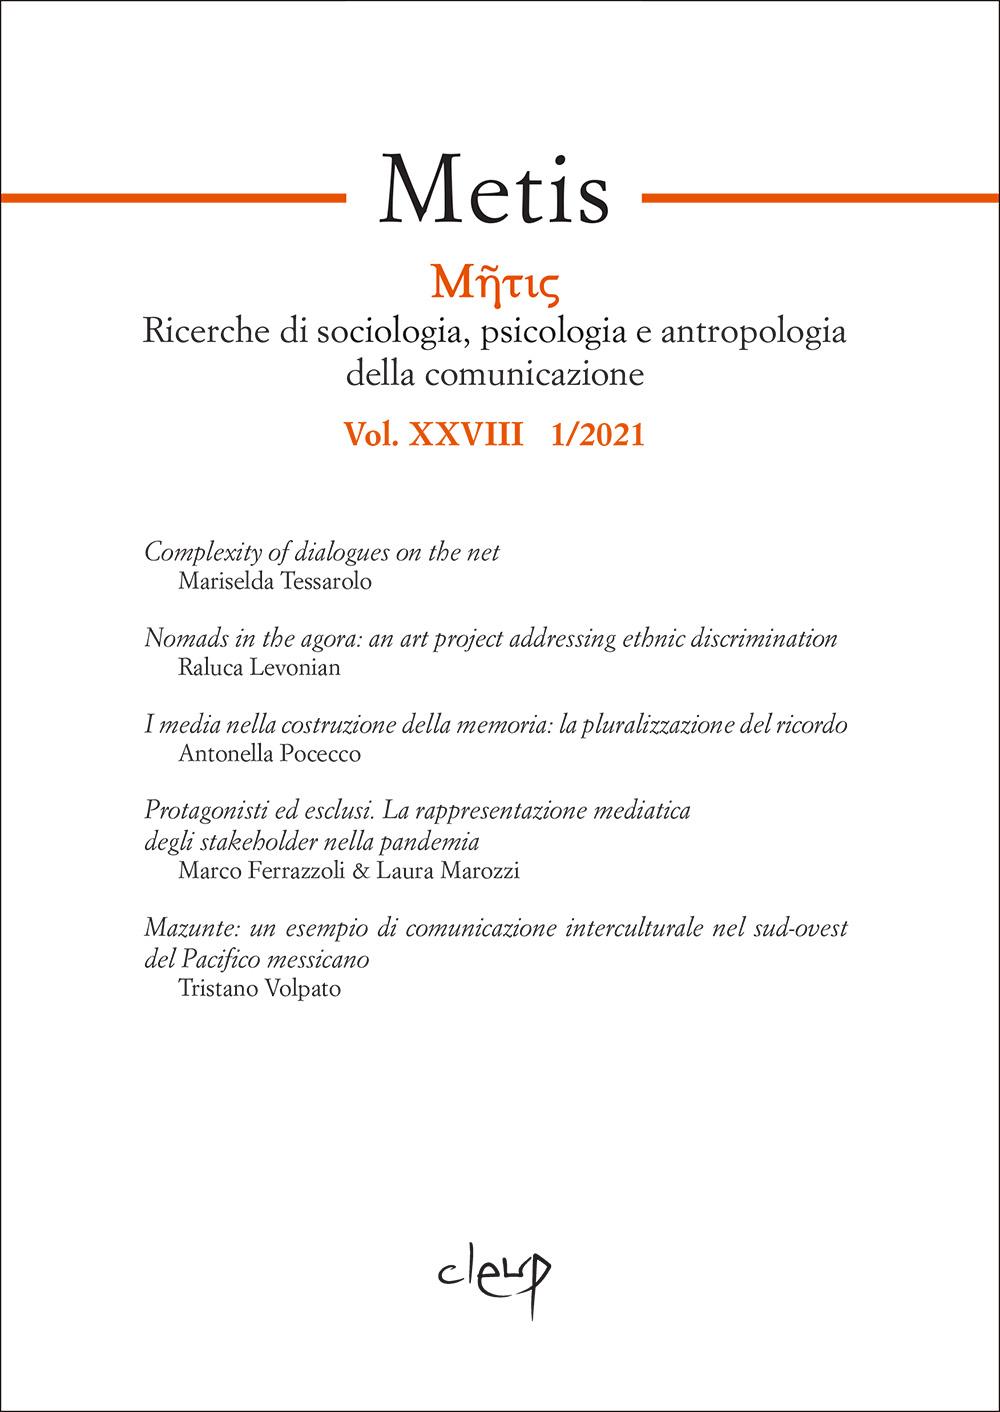 Metis 2021  - Vol. XXVIII  1/2021